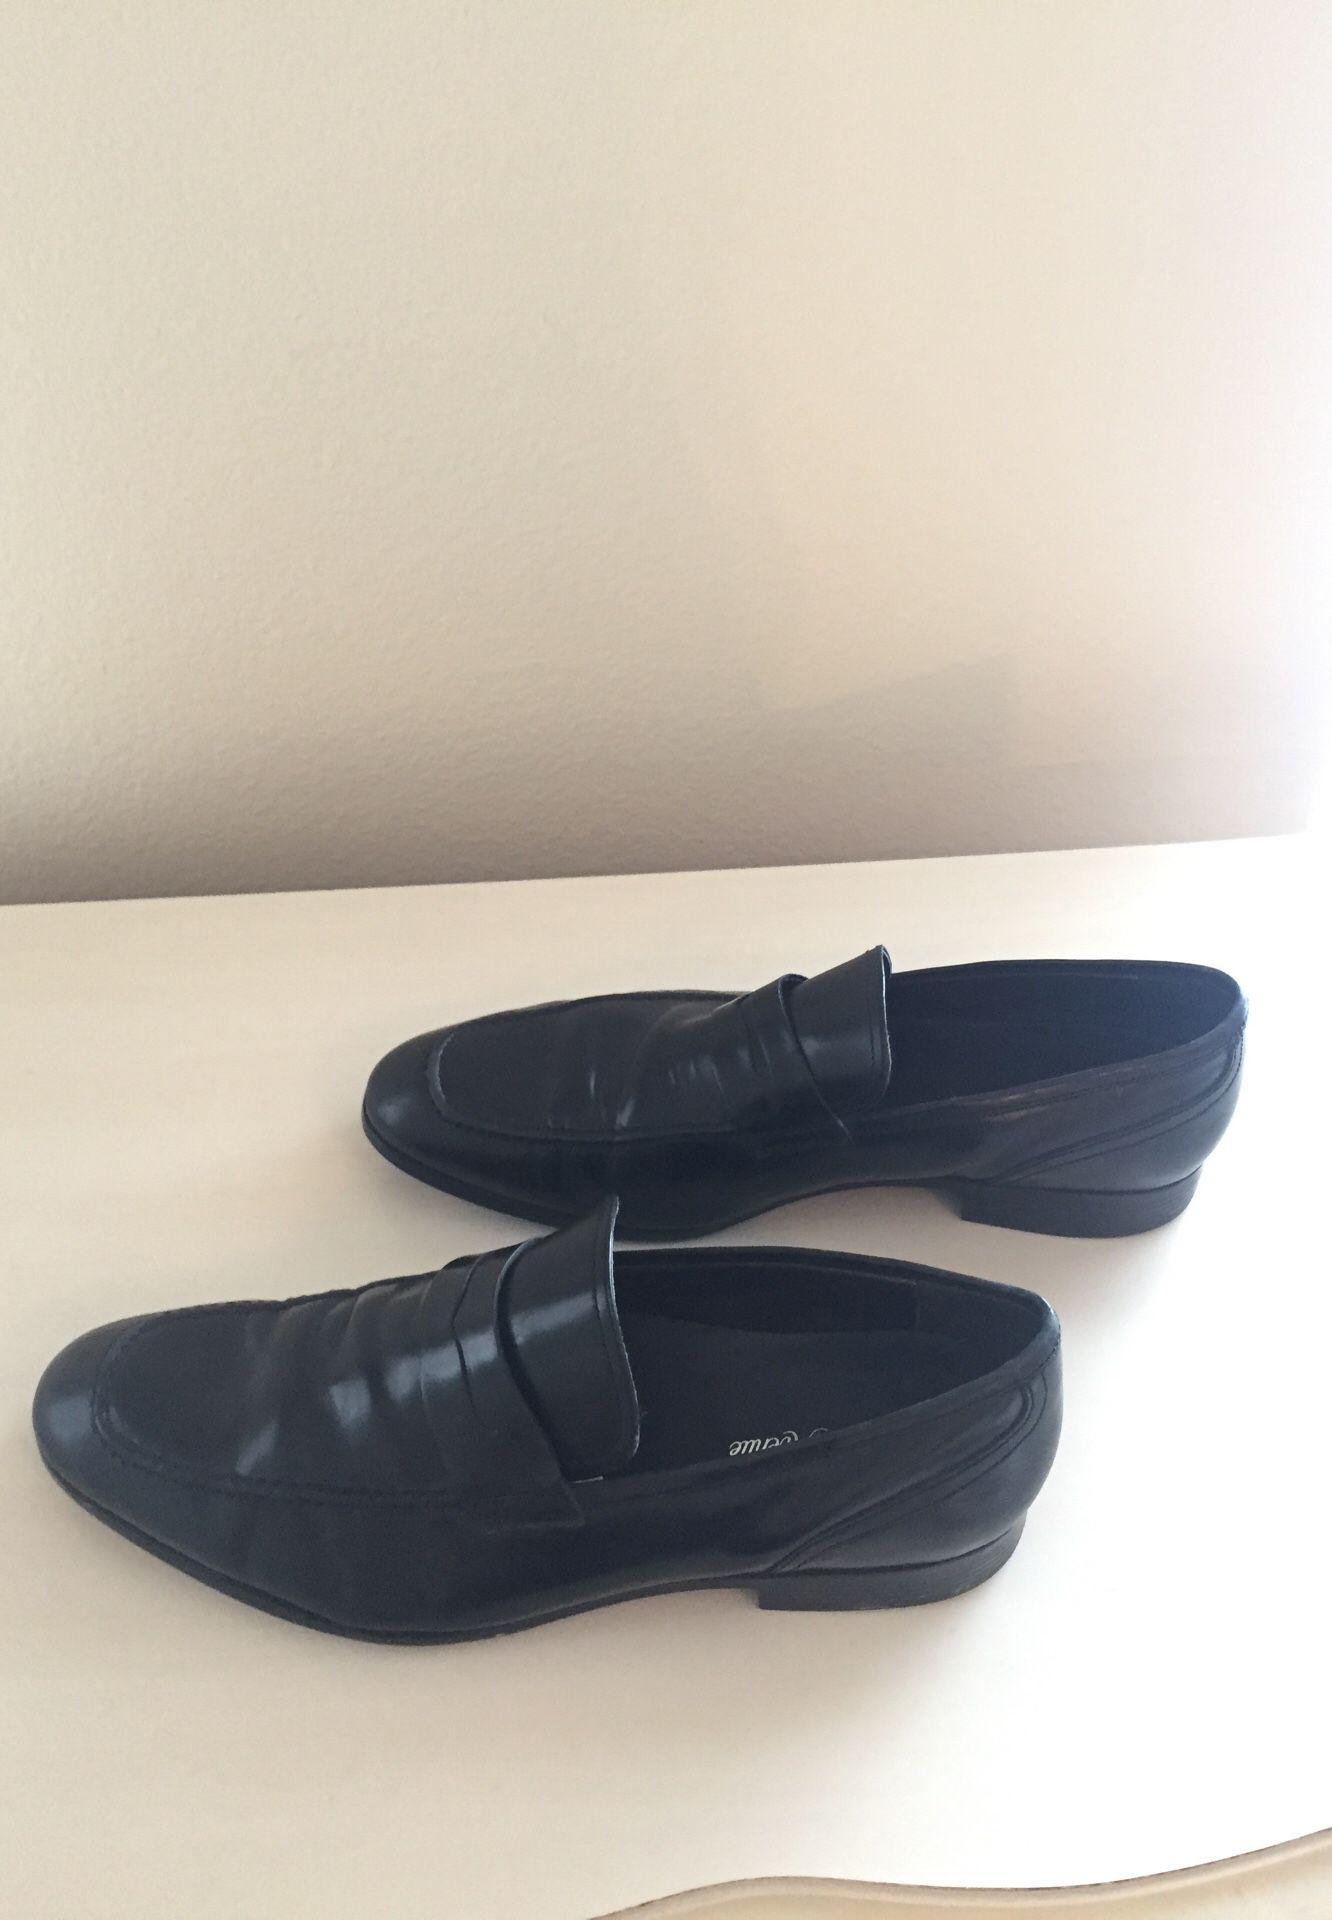 Men's black leather loafer Saks Fifth Avenue size 11